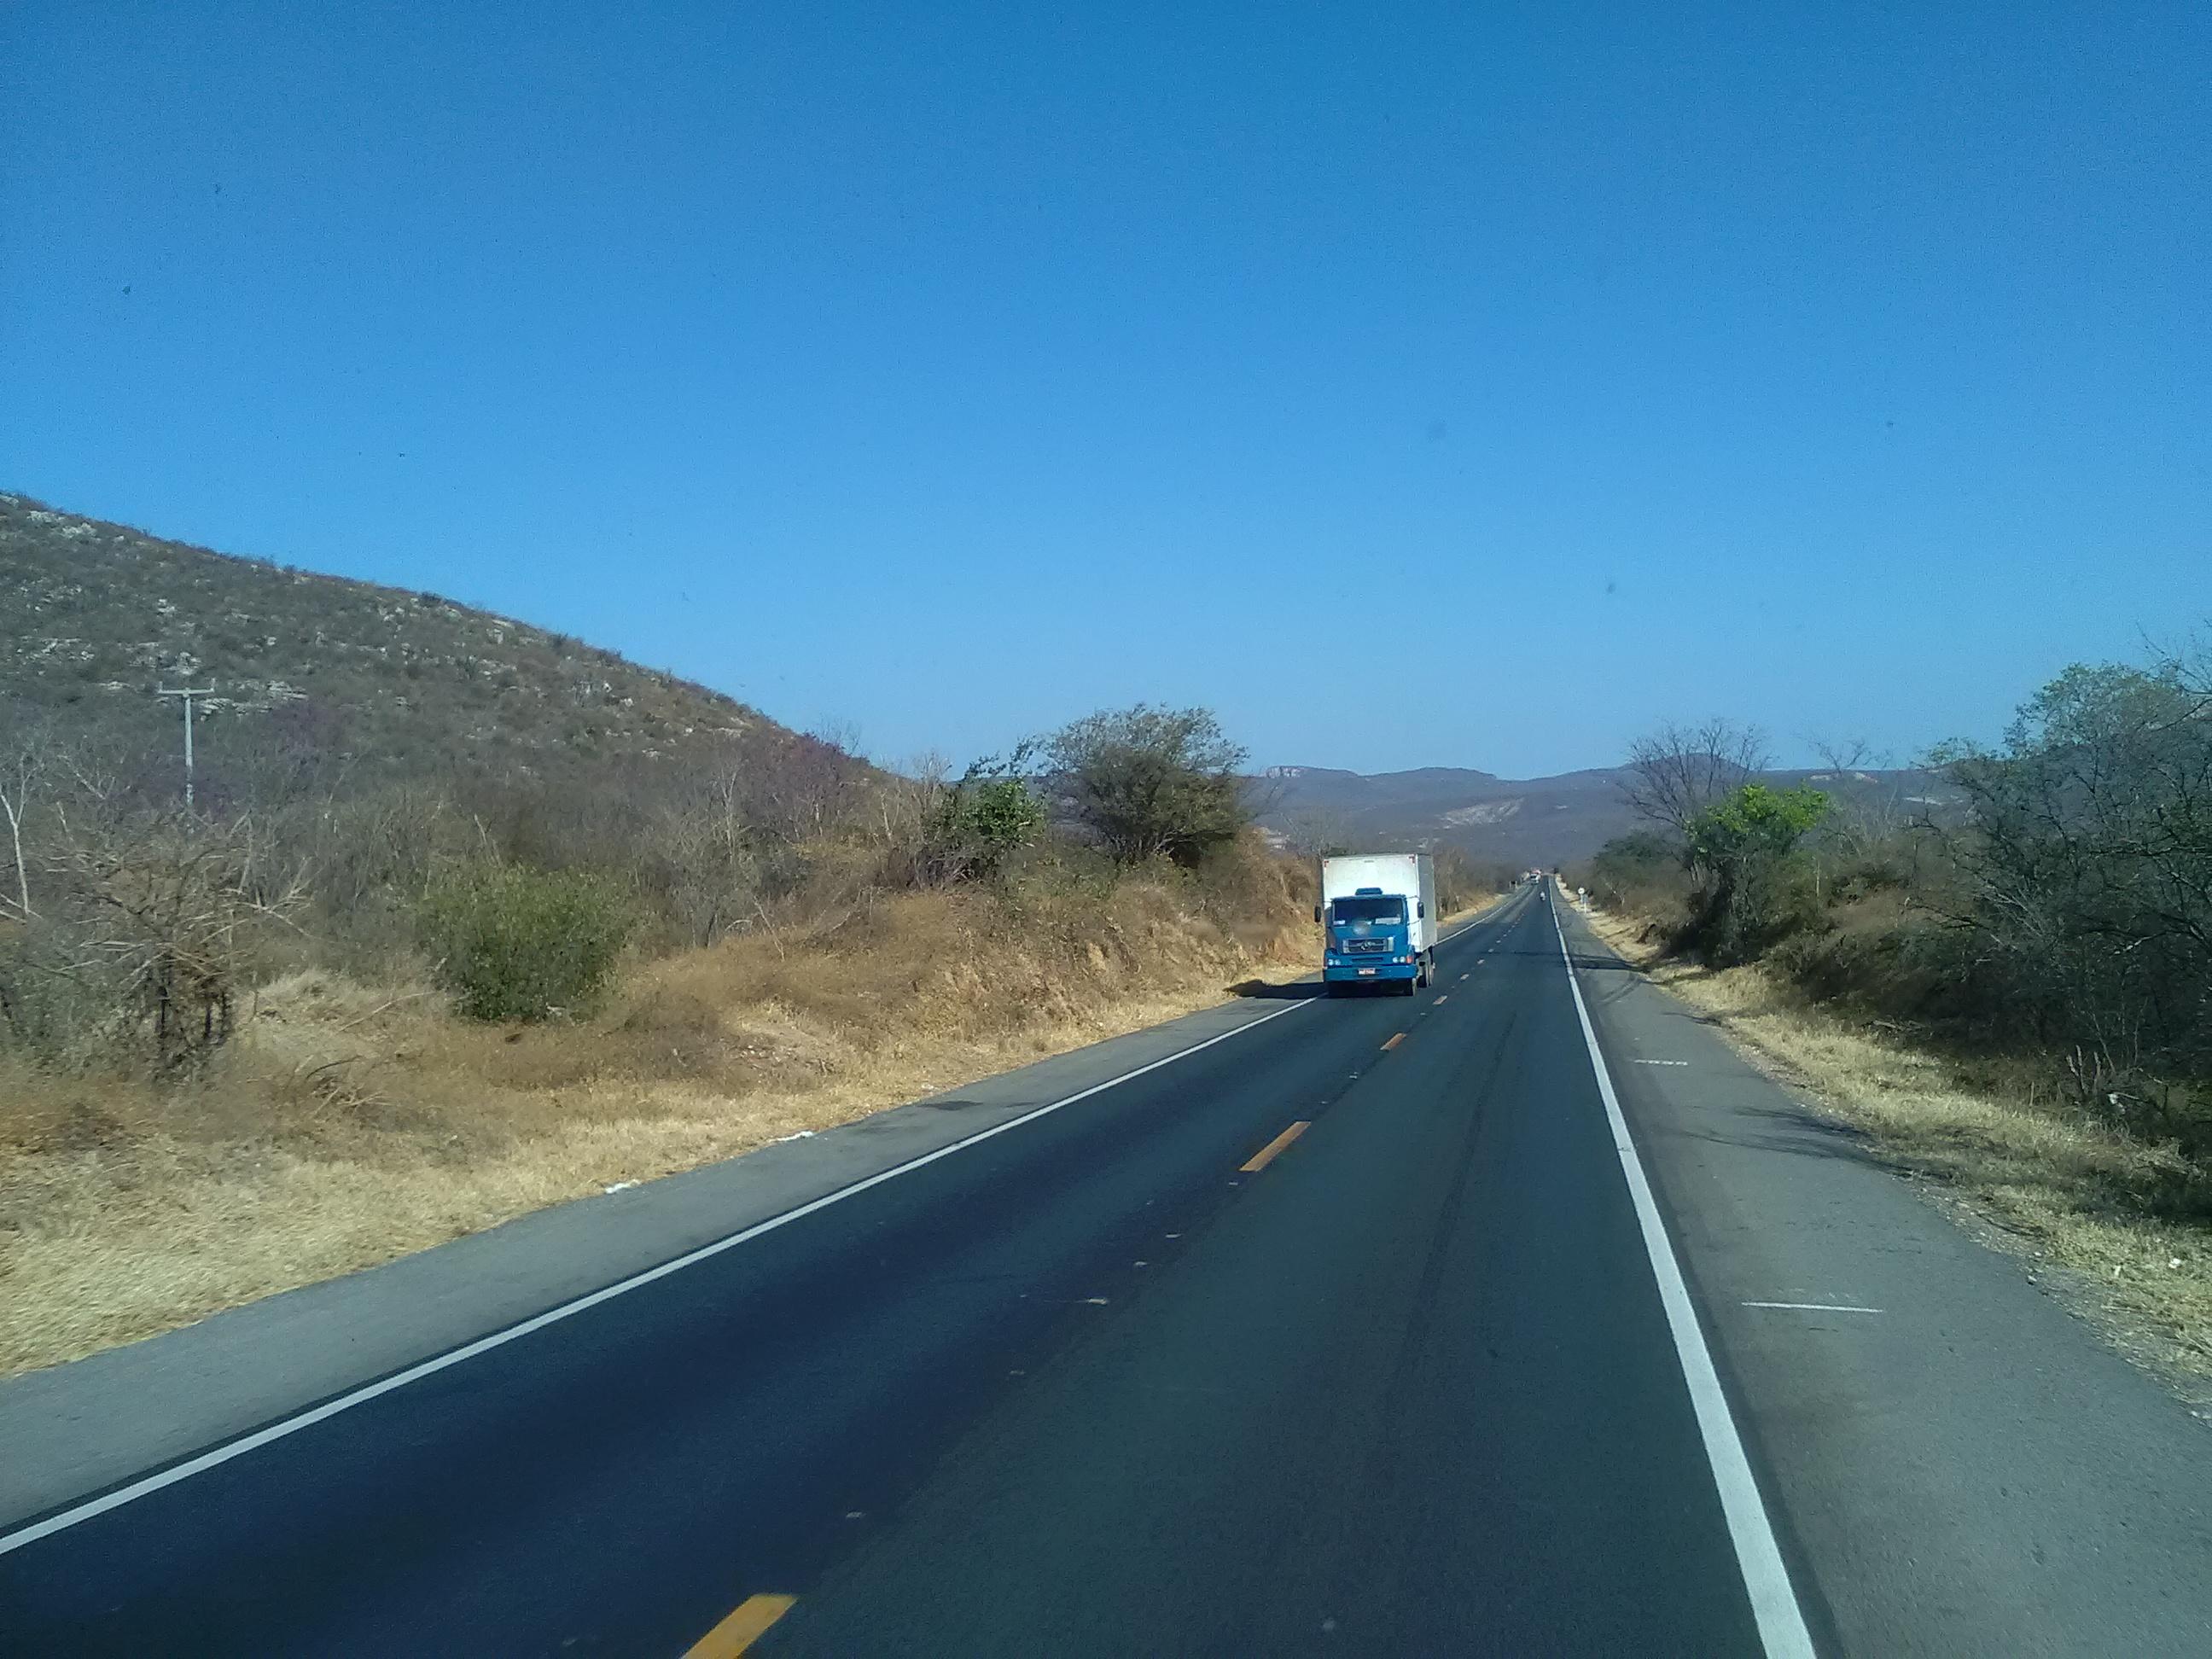 Indruk-van-de-wagens-onderweg--6